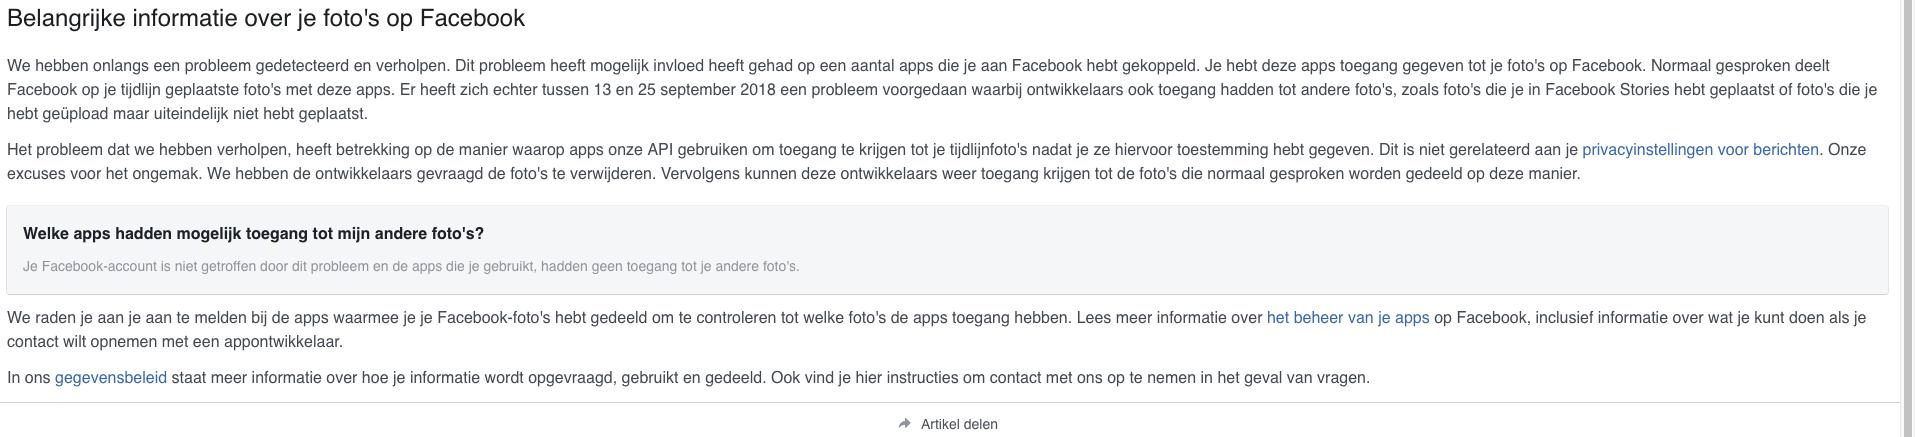 Facebook foto hack